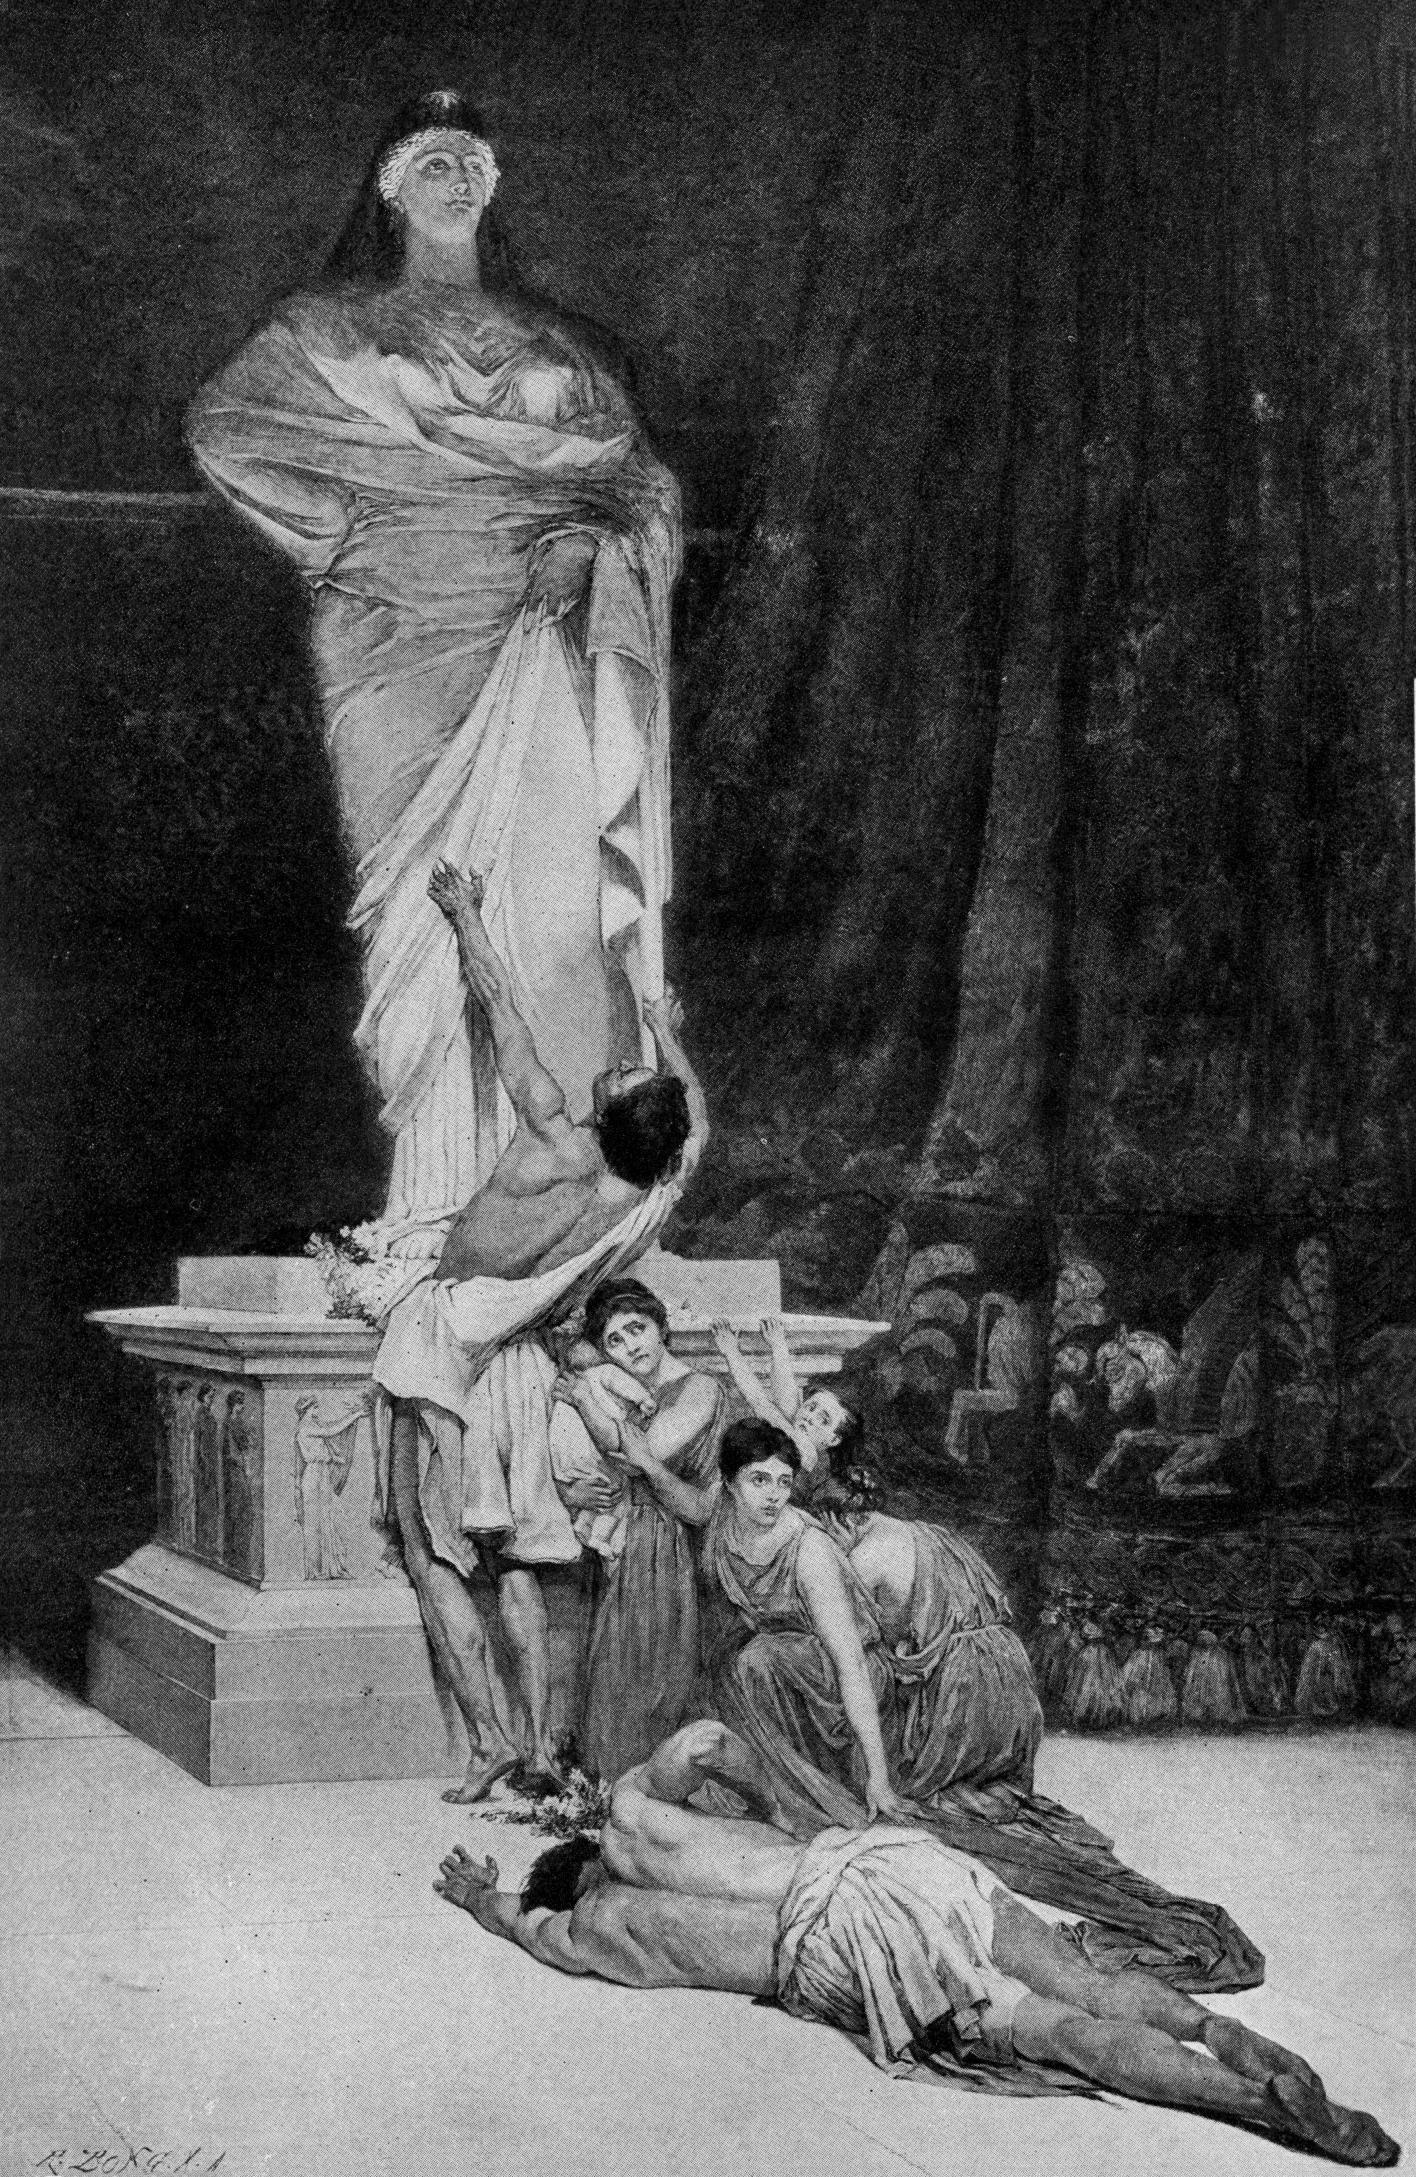 아스다롯 숭배하는 모습